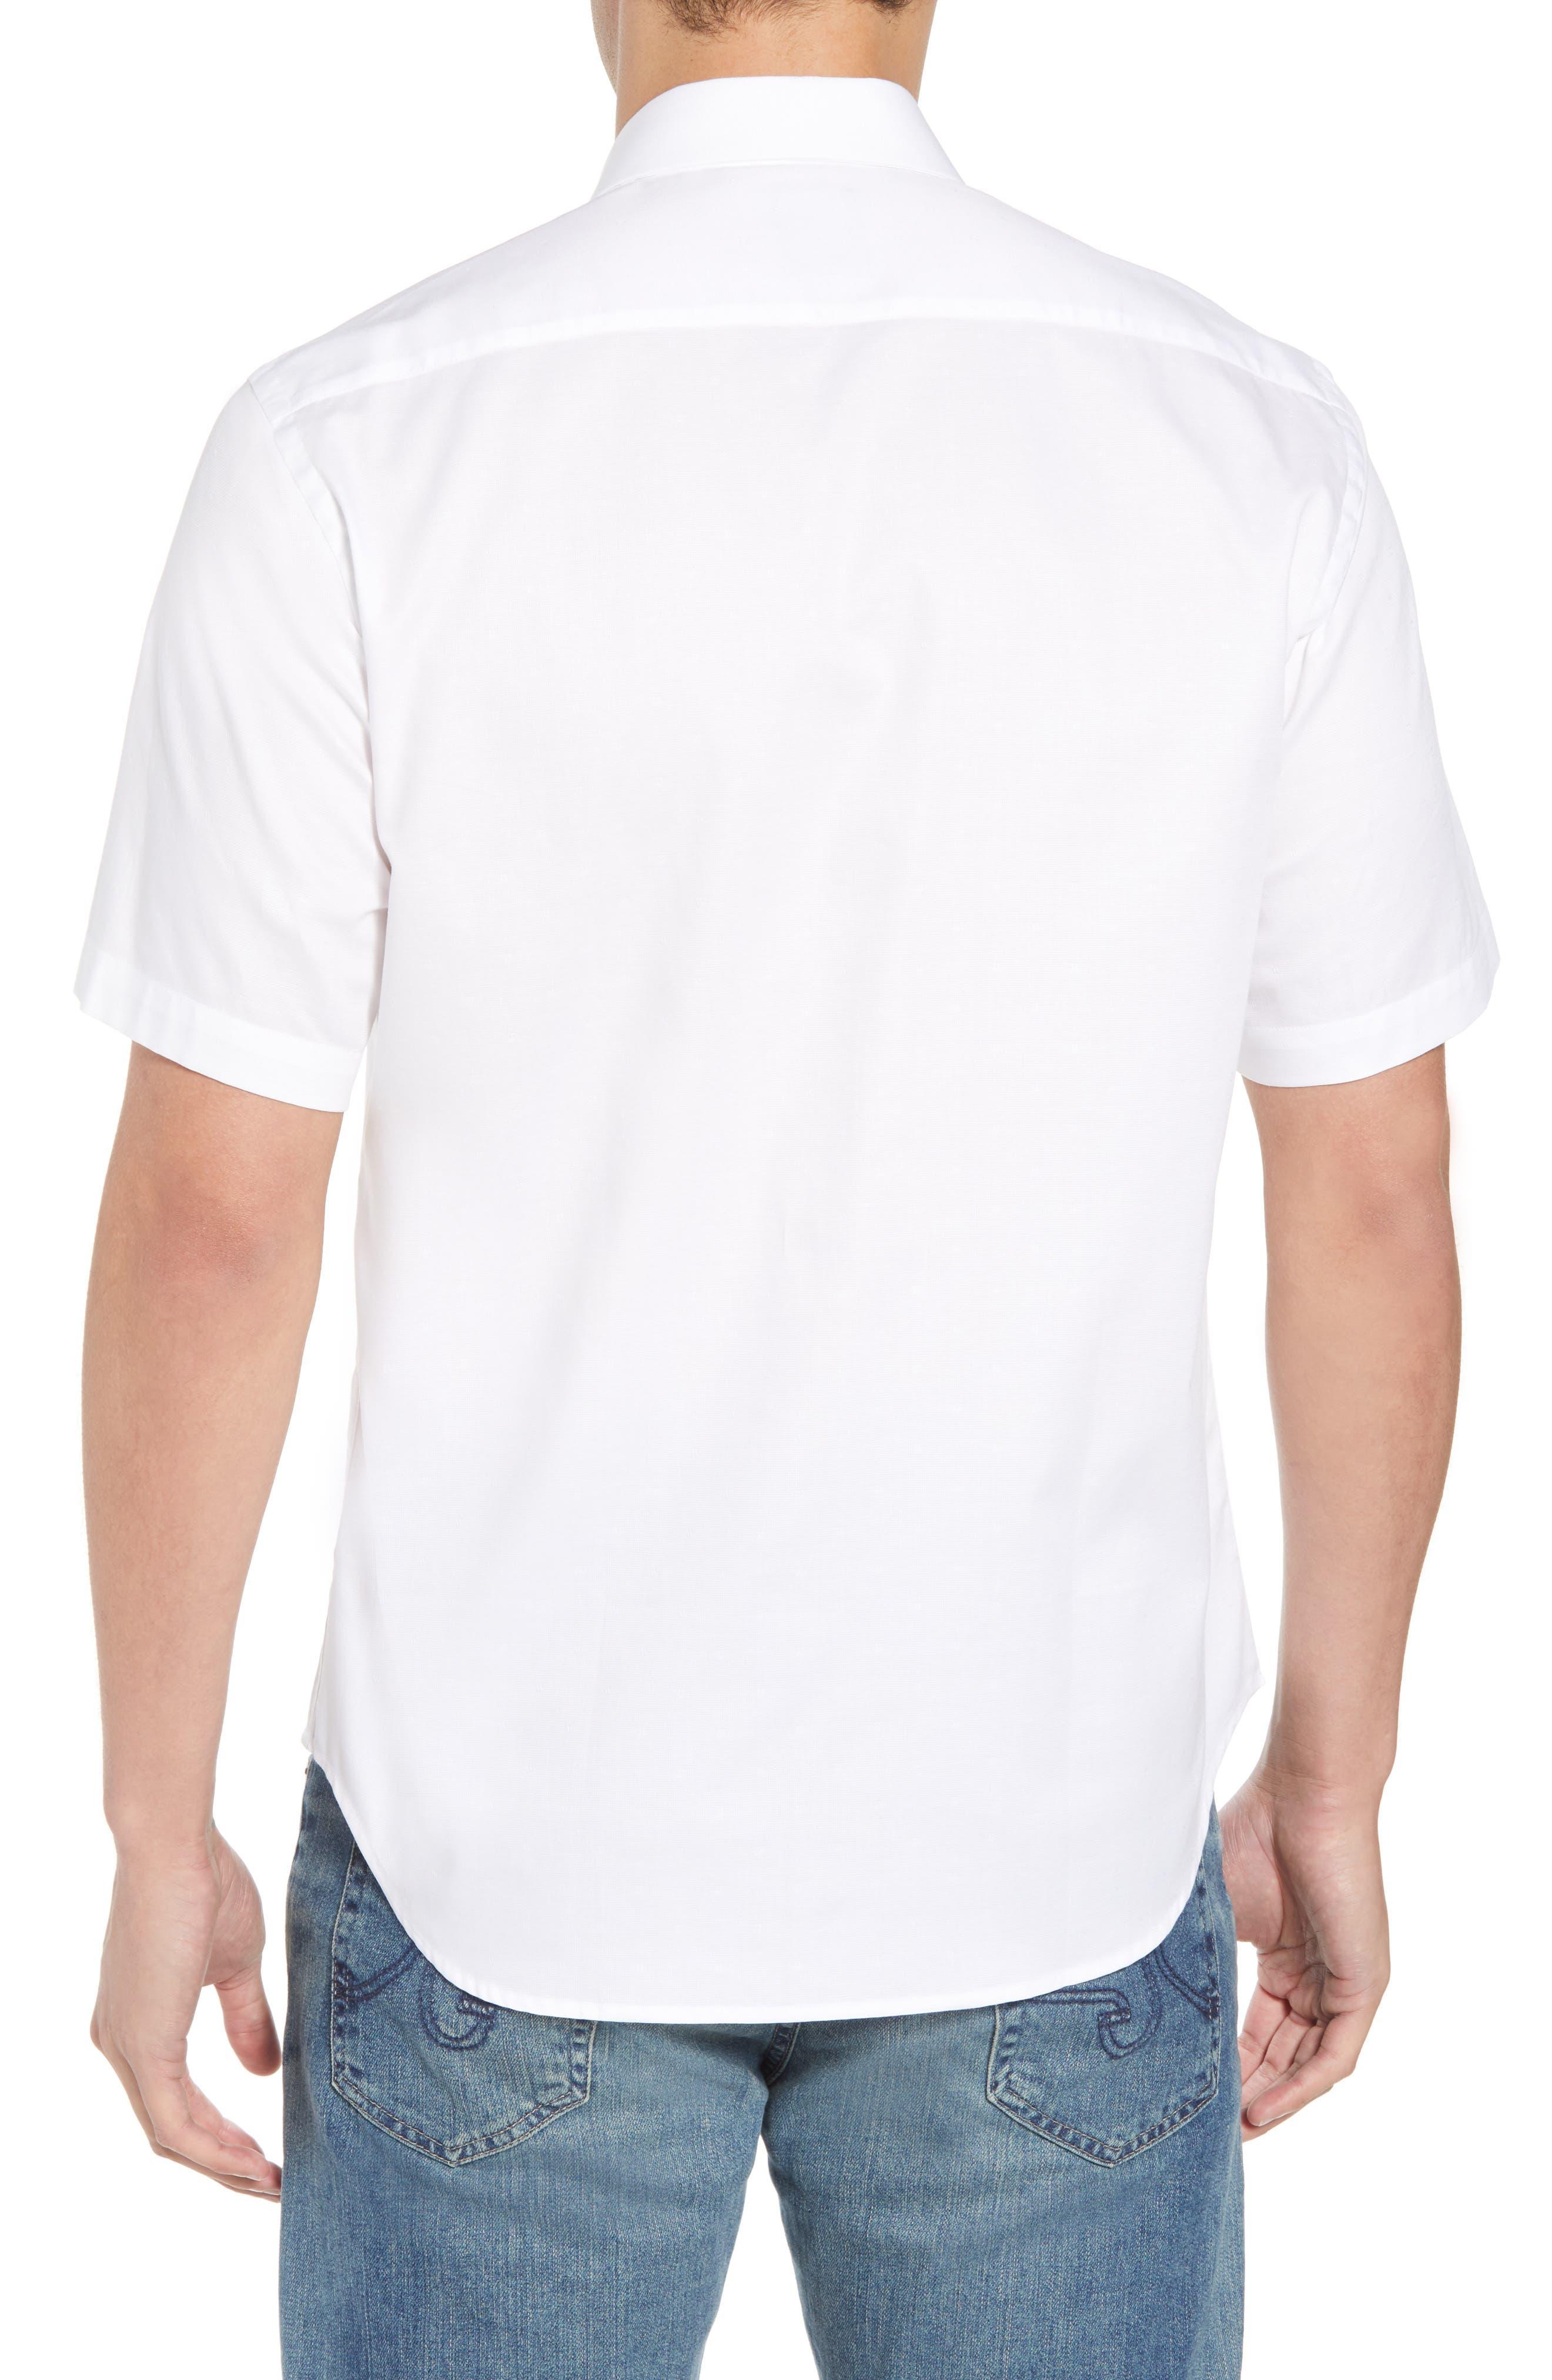 Arlen Regular Fit Sport Shirt,                             Alternate thumbnail 3, color,                             White